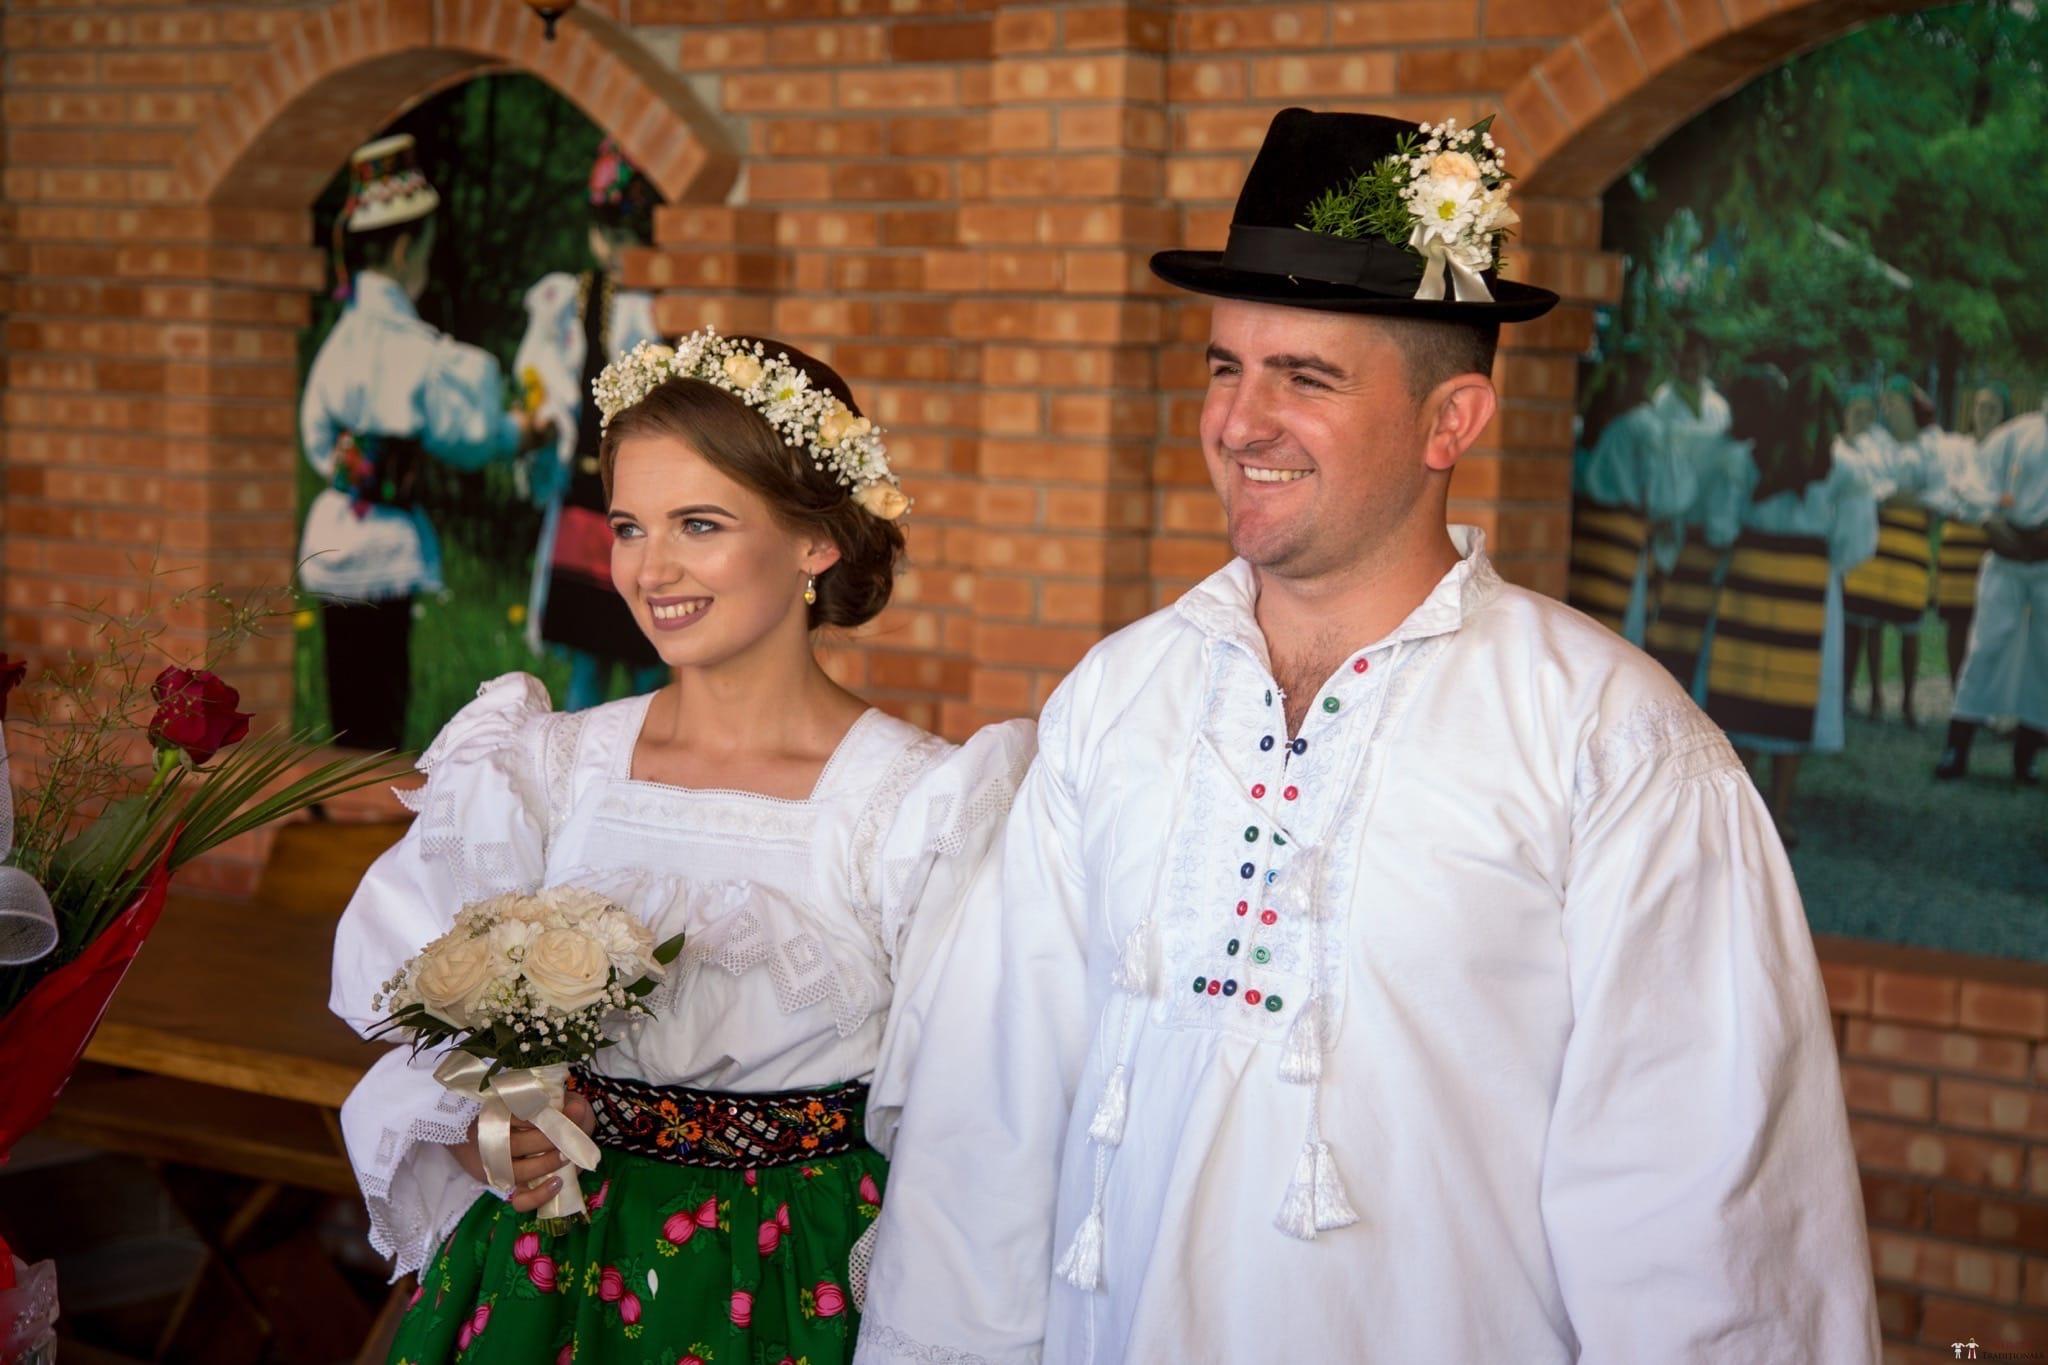 Povești Nunți Tradiționale - Ancuța și Nicu, cununie tradițională în Giulești, Maramureș 20